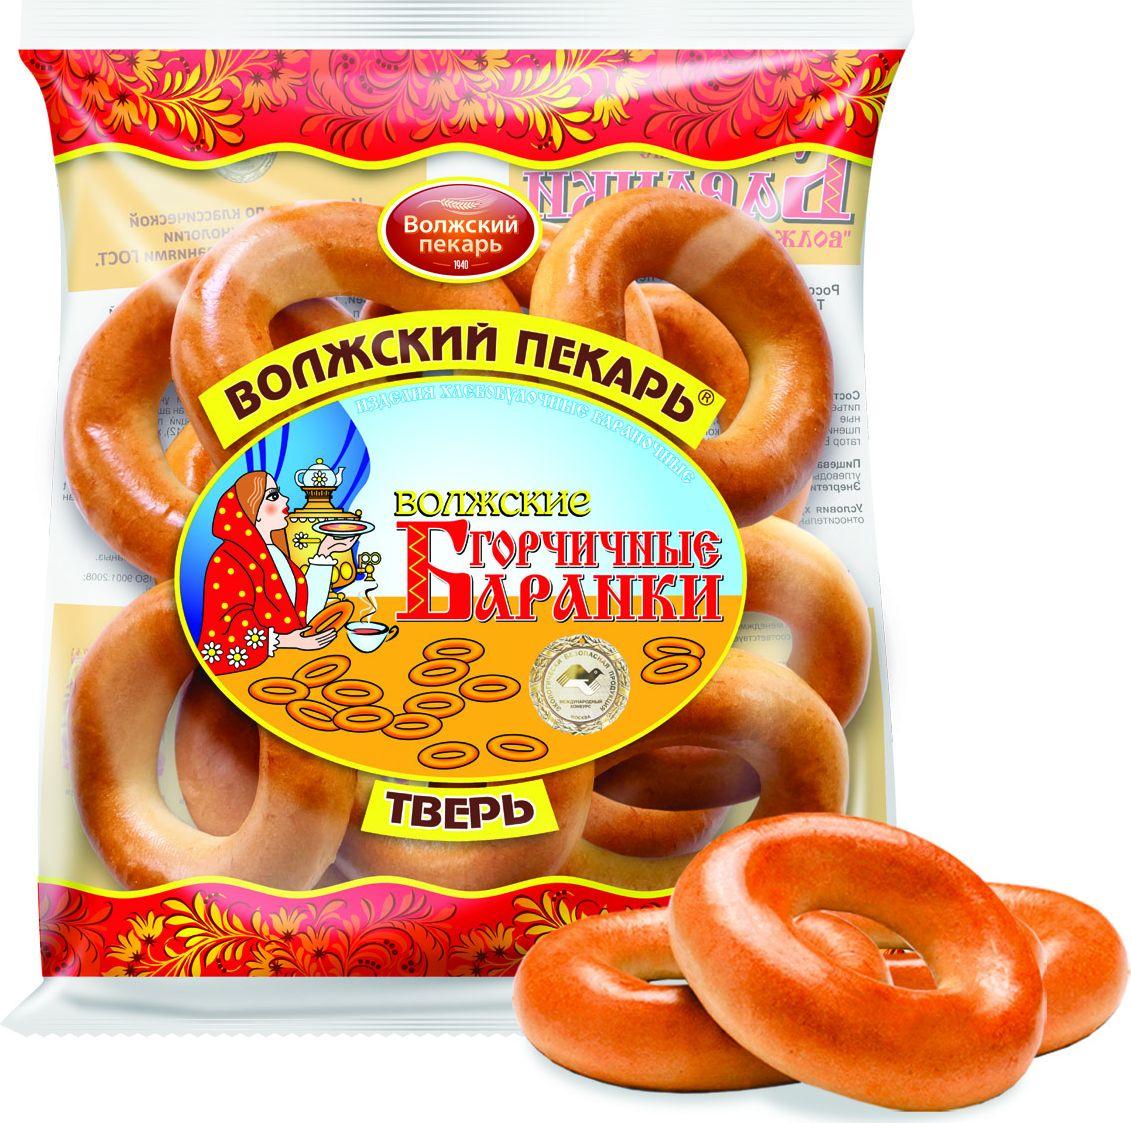 Приготовлены из муки 1 сорта с добавлением горчичного масла. Баранки приготовлены по классической опарной технологии в соответствии с требованиями ГОСТ.